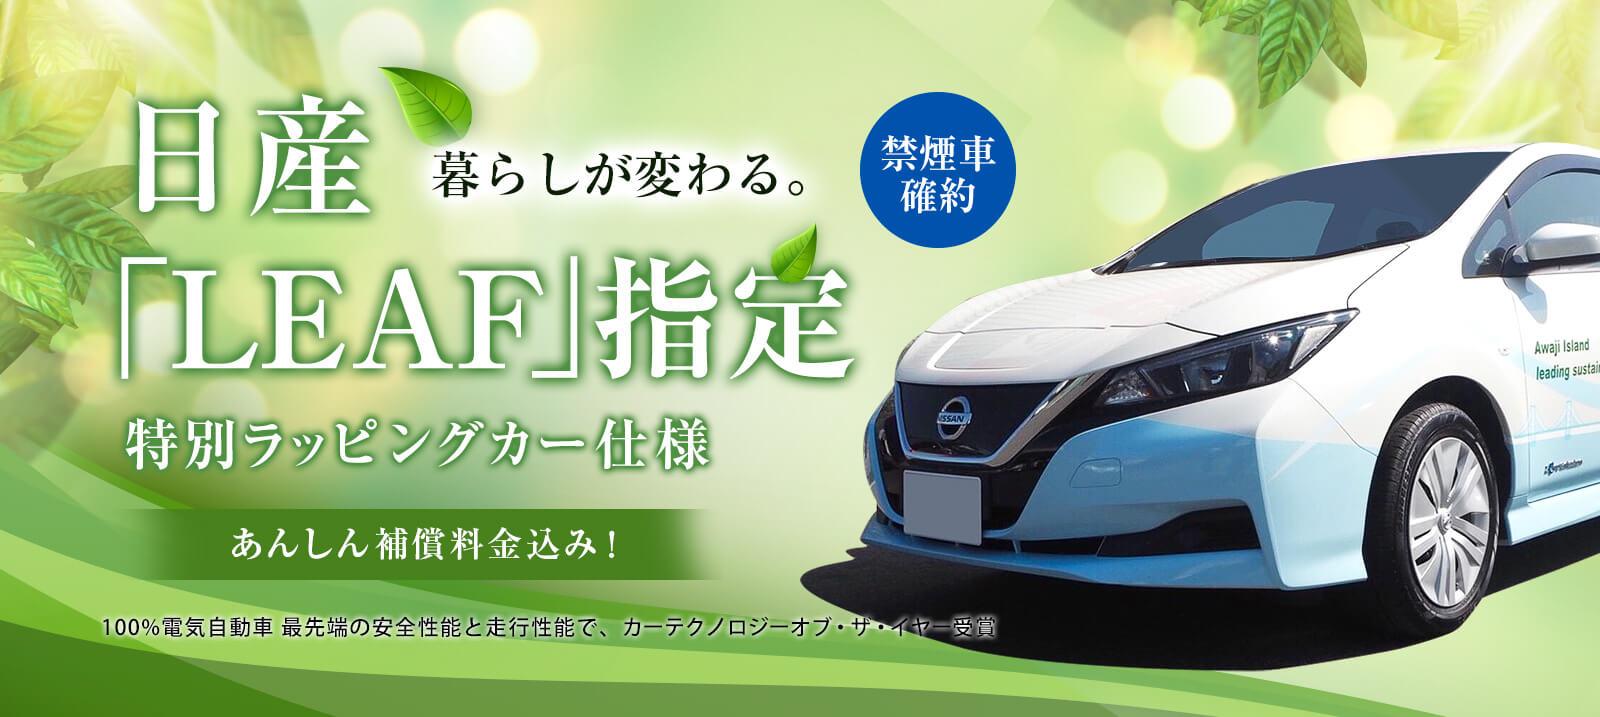 日産リーフ特別ラッピングカープラン あわモビレンタカー